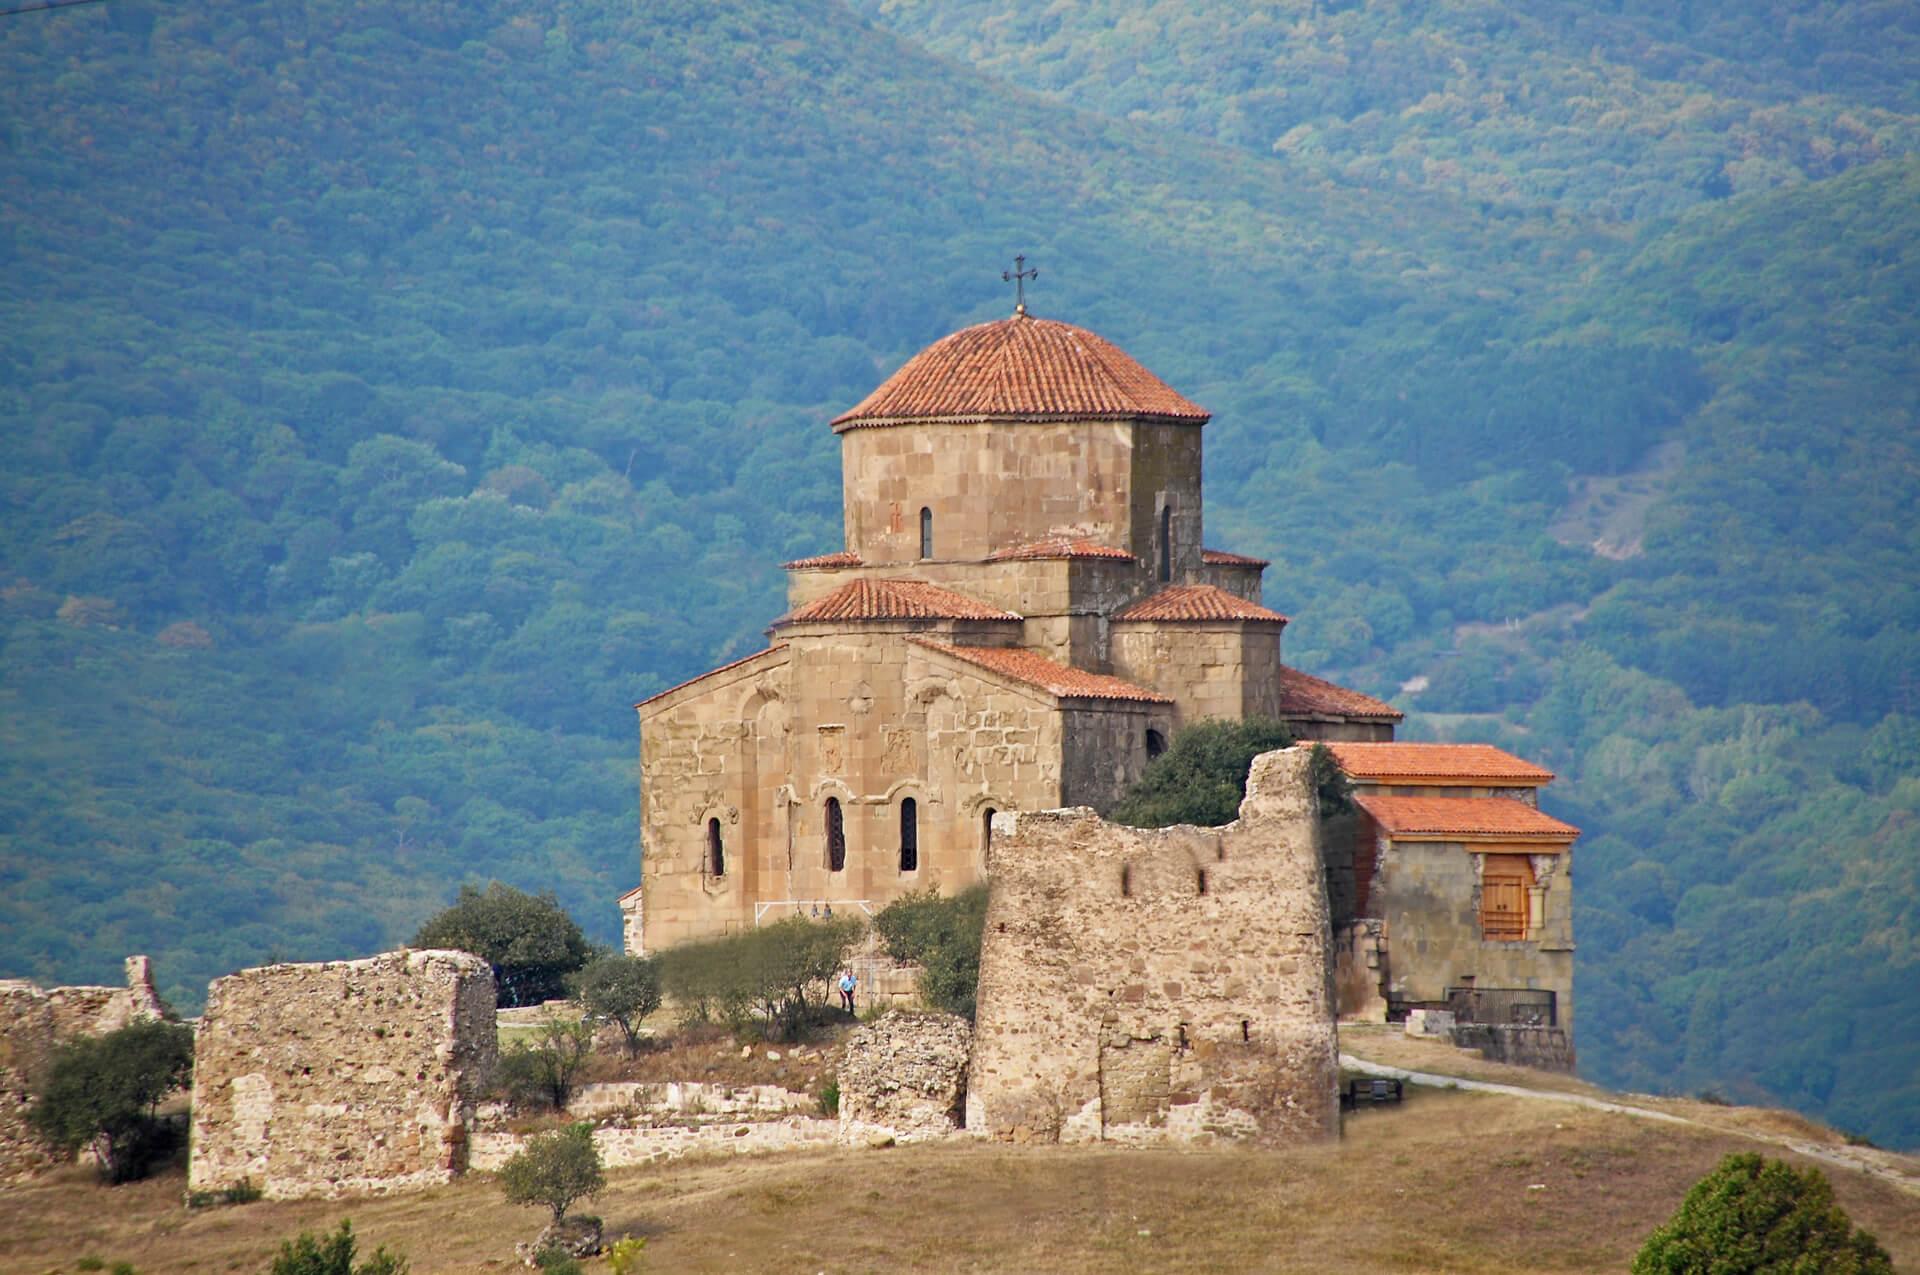 Monasterio-de-Jvari-Georgia